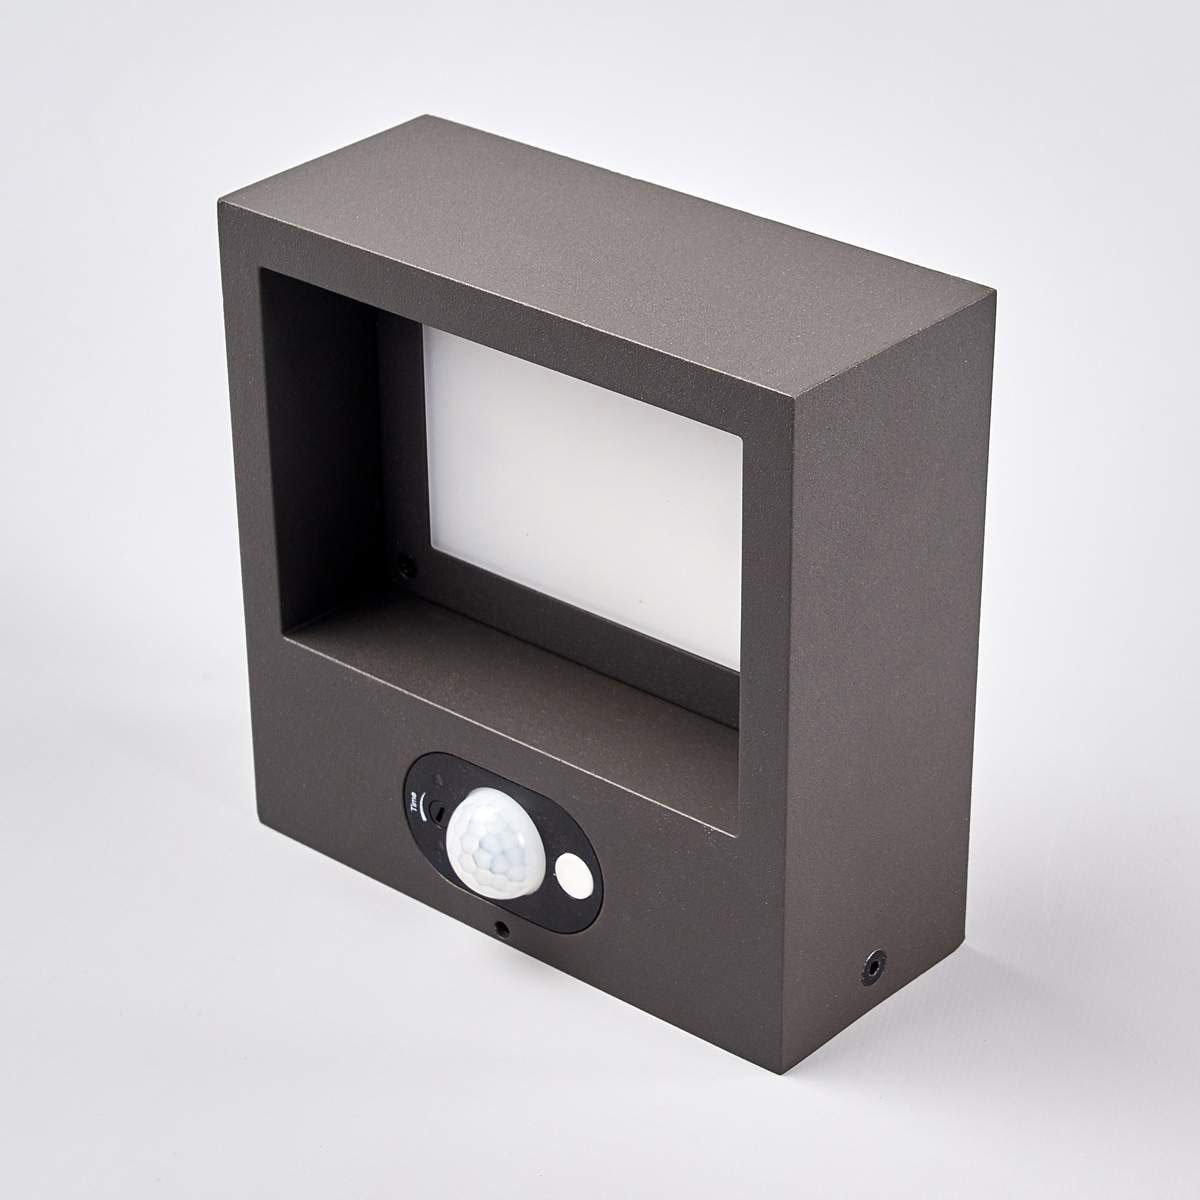 Solar-Led-Außenwandleuchte Mahra mit Bewegungsmelder, 6x14,5x14,5 cm, Aluminium, grau | #5